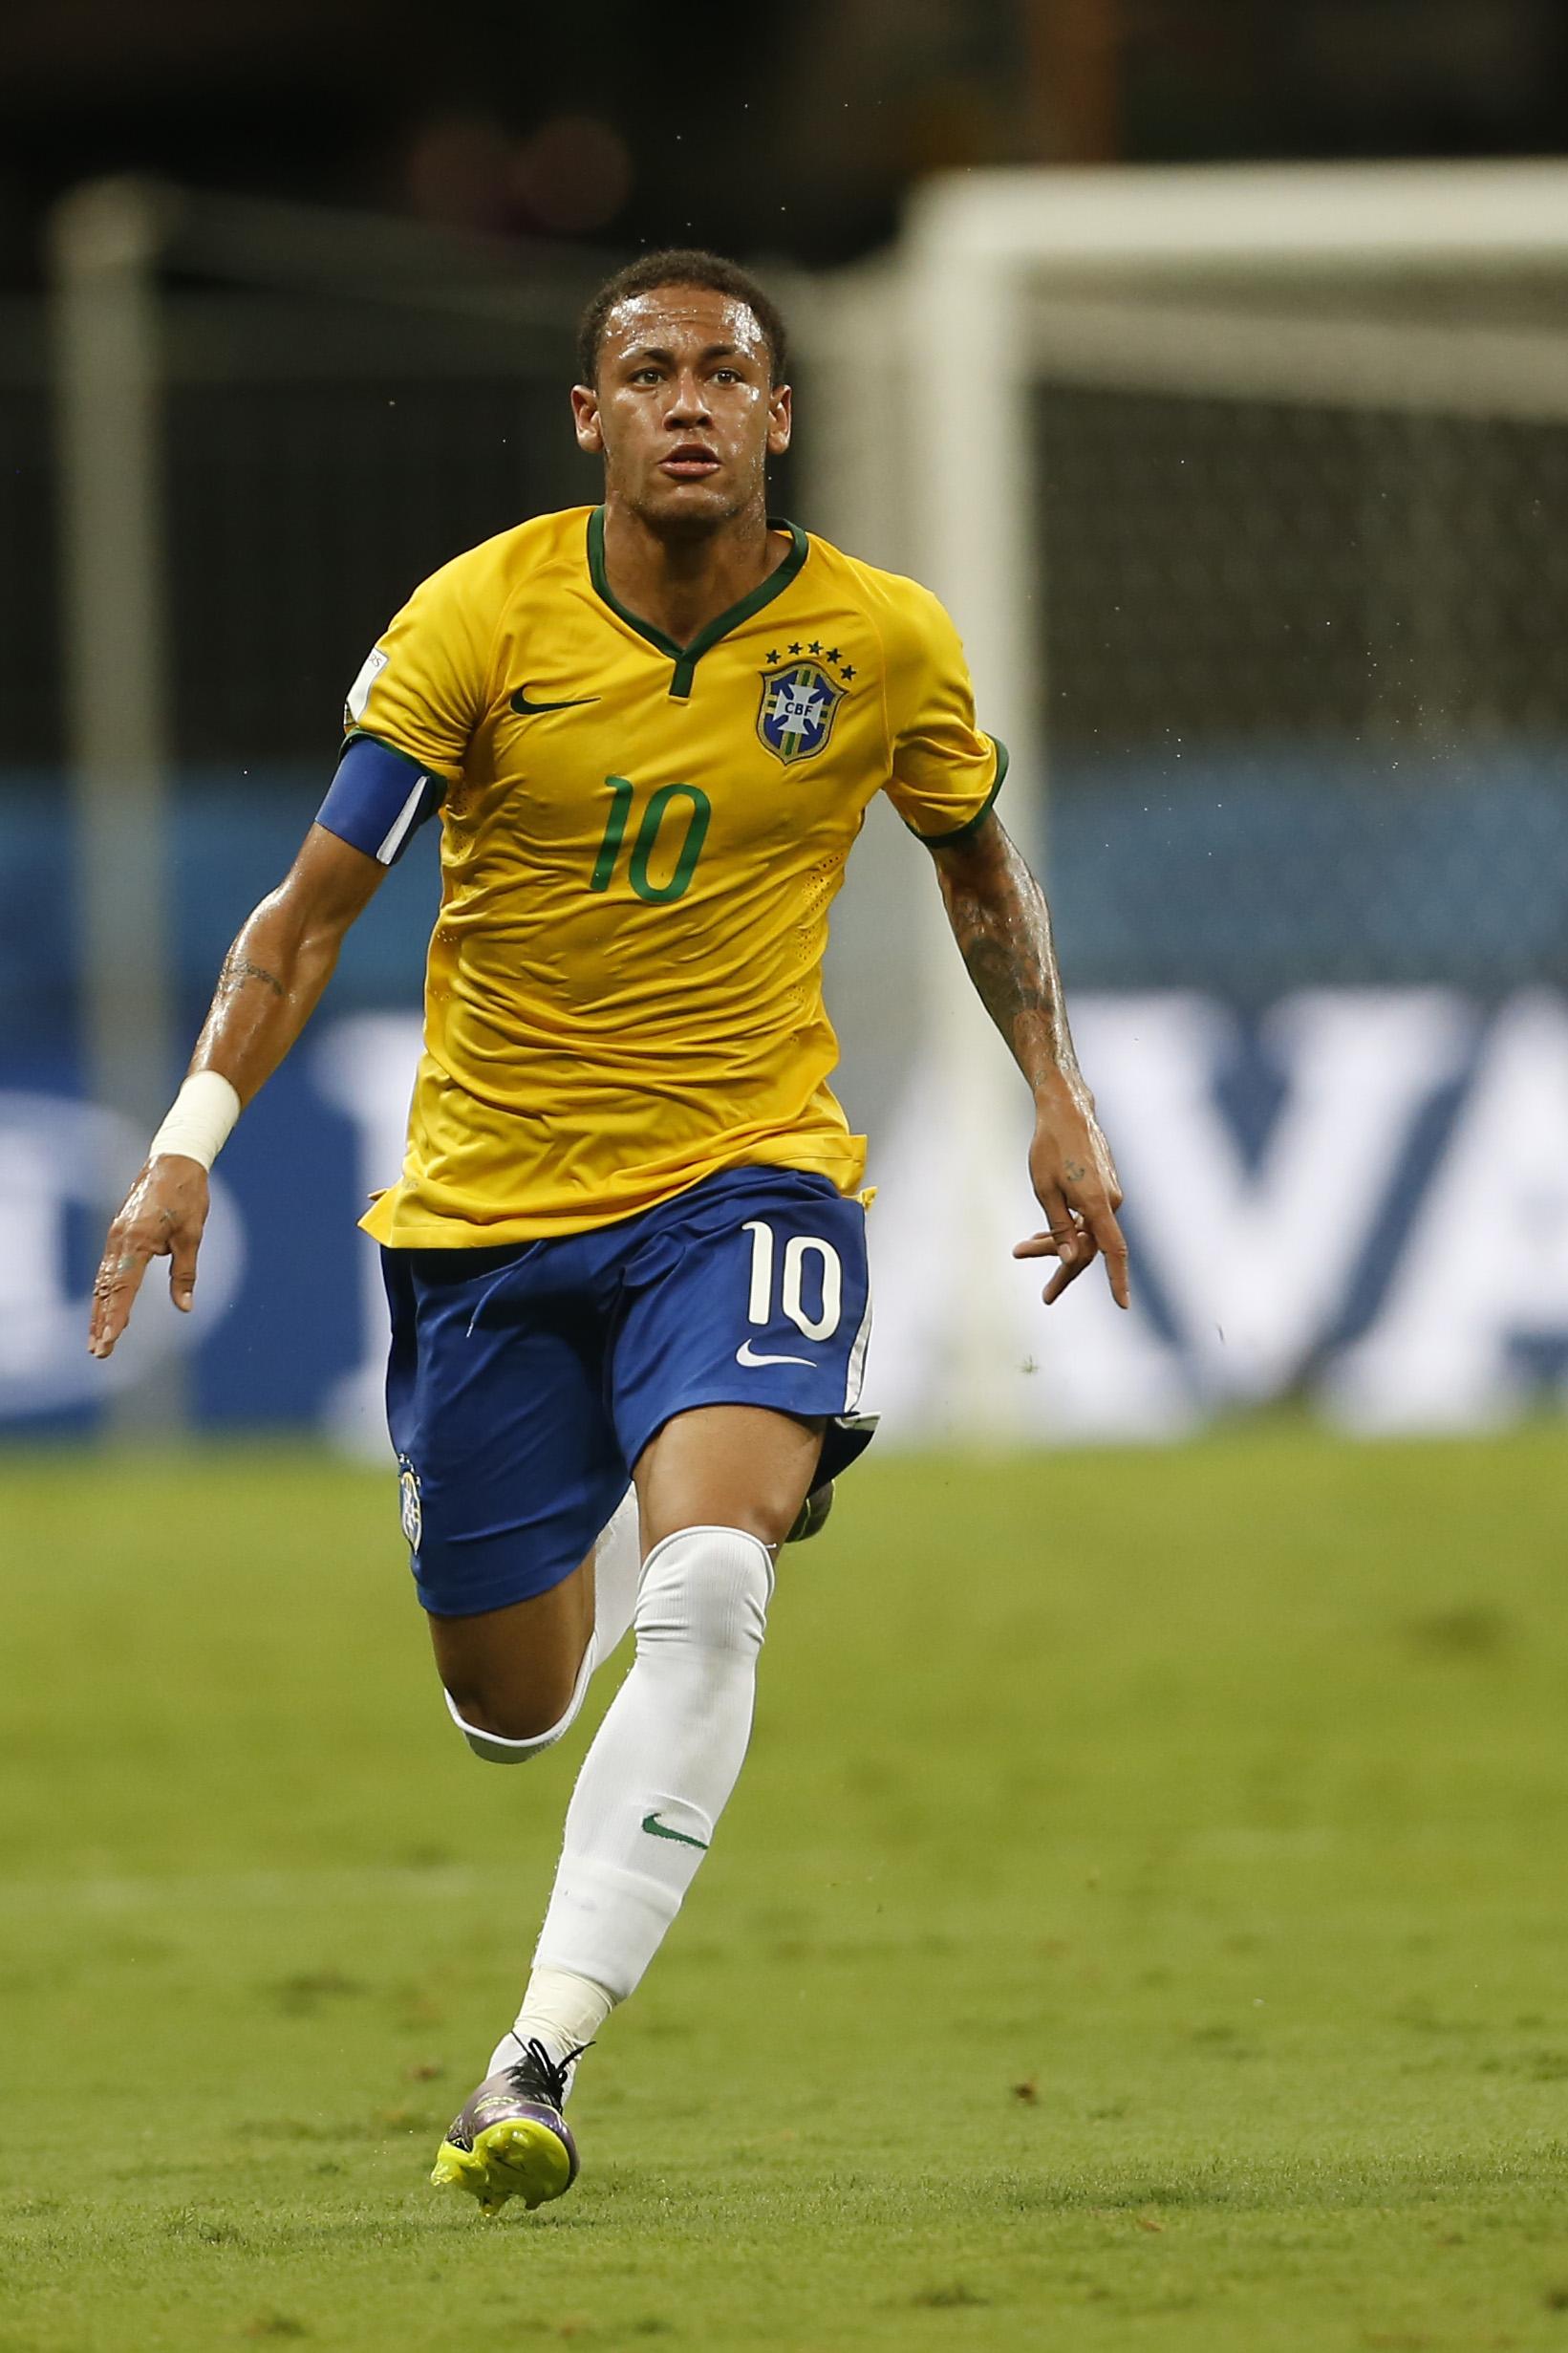 d06097c969 Neymar Jr.